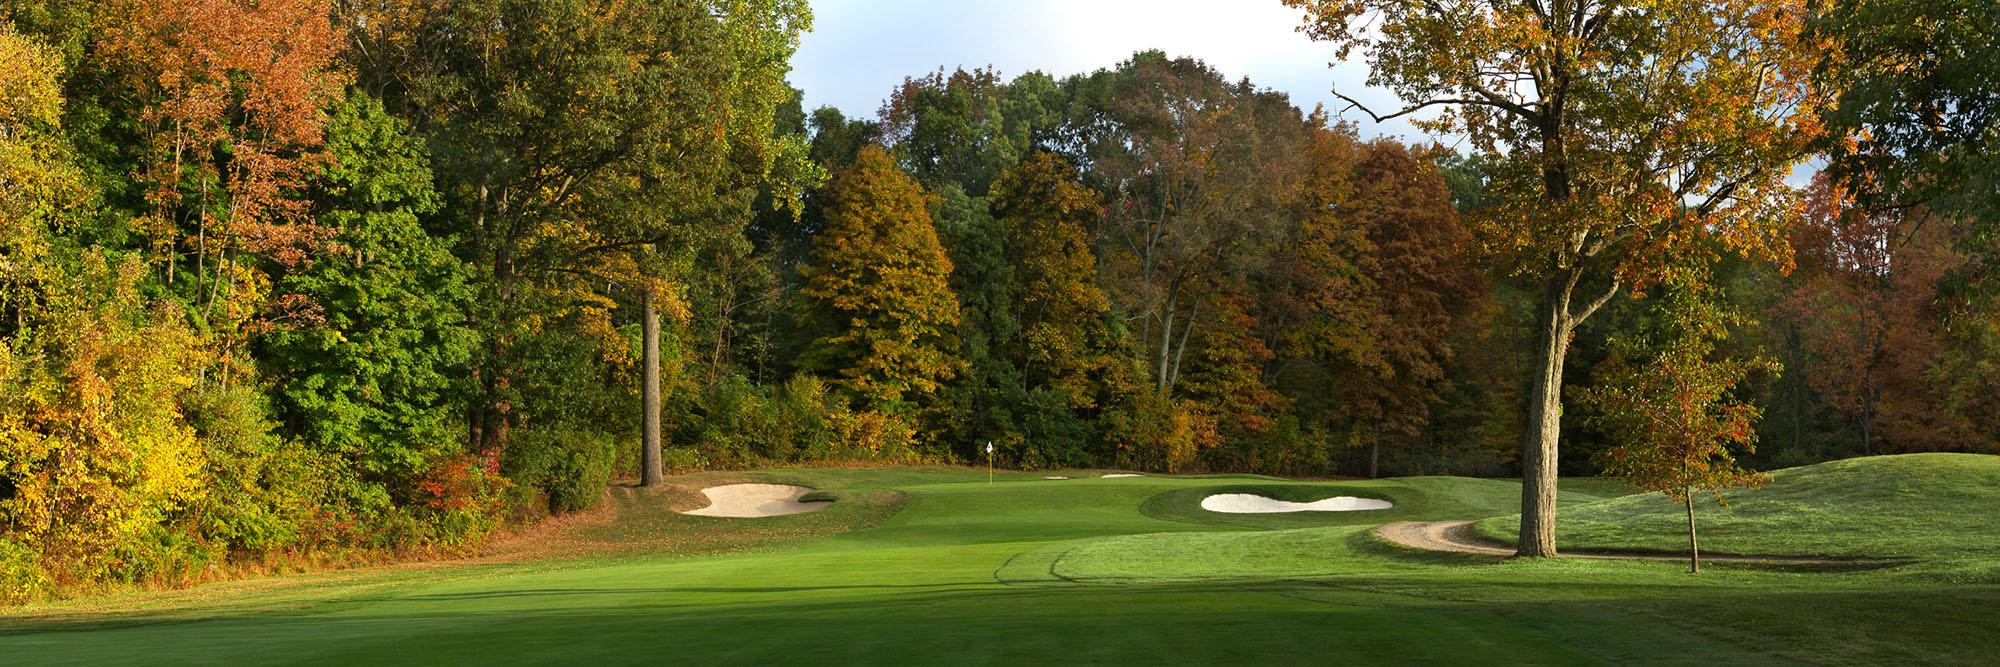 Golf Course Image - The Tuxedo Club No. 11